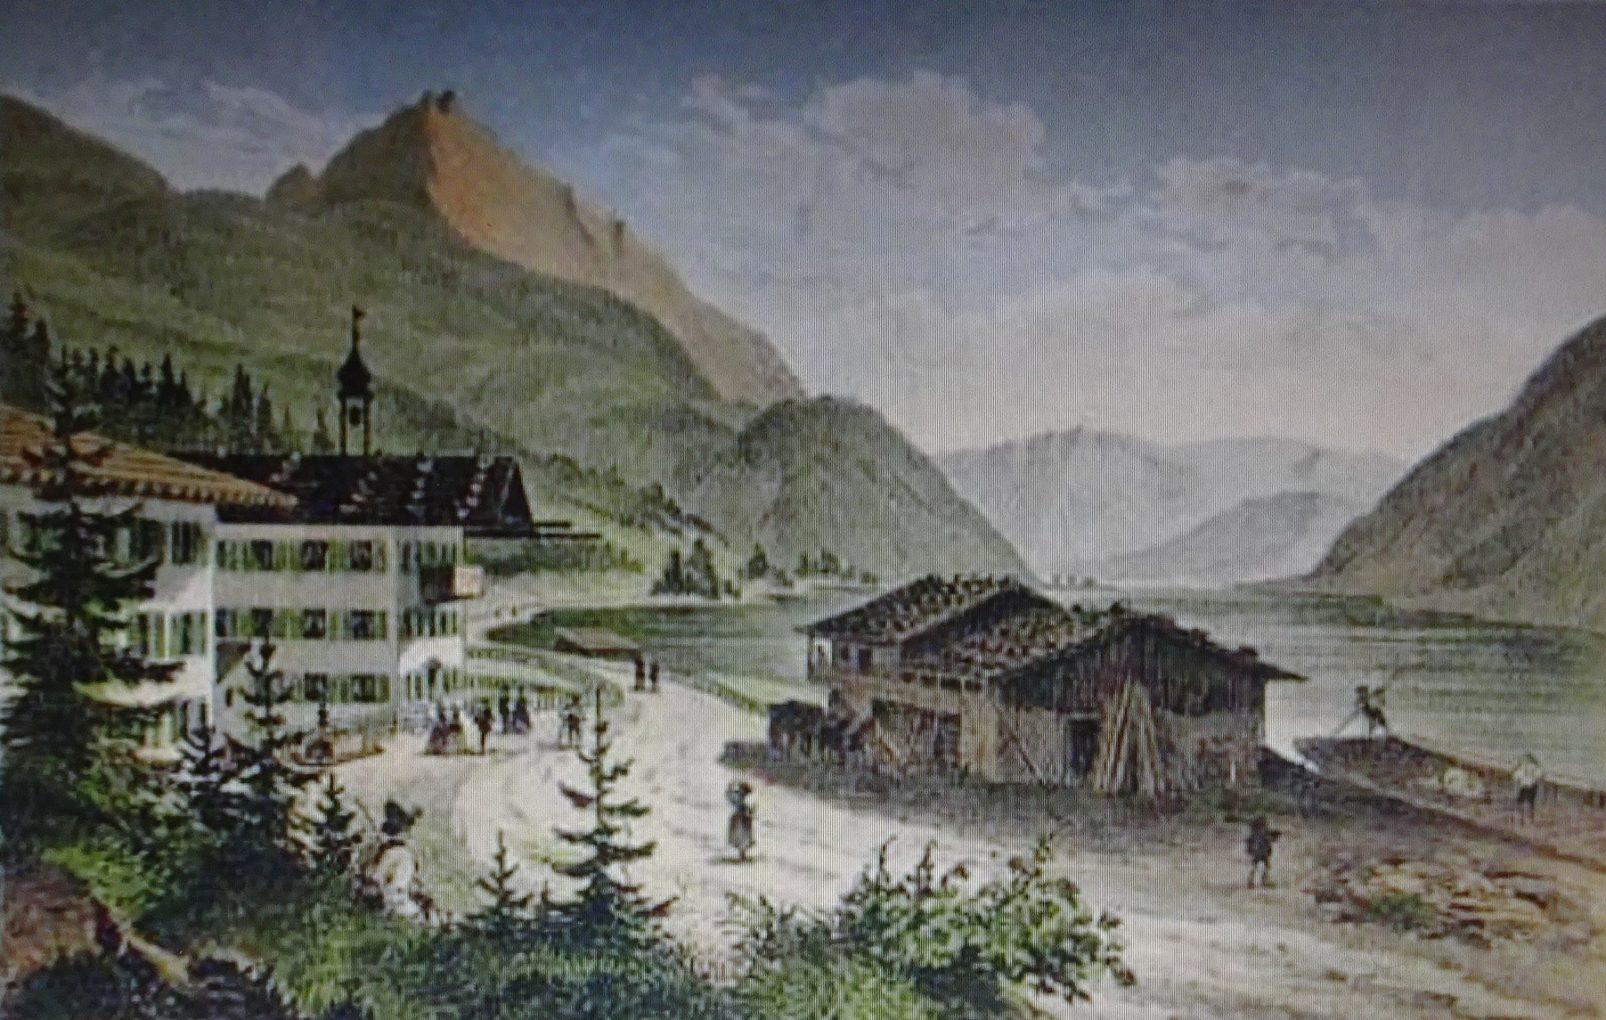 Autor anonimowy, Widok hotelu Scholastyka nad Achensee, około 1840, staloryt barwny na papierze, zbiory prywatne